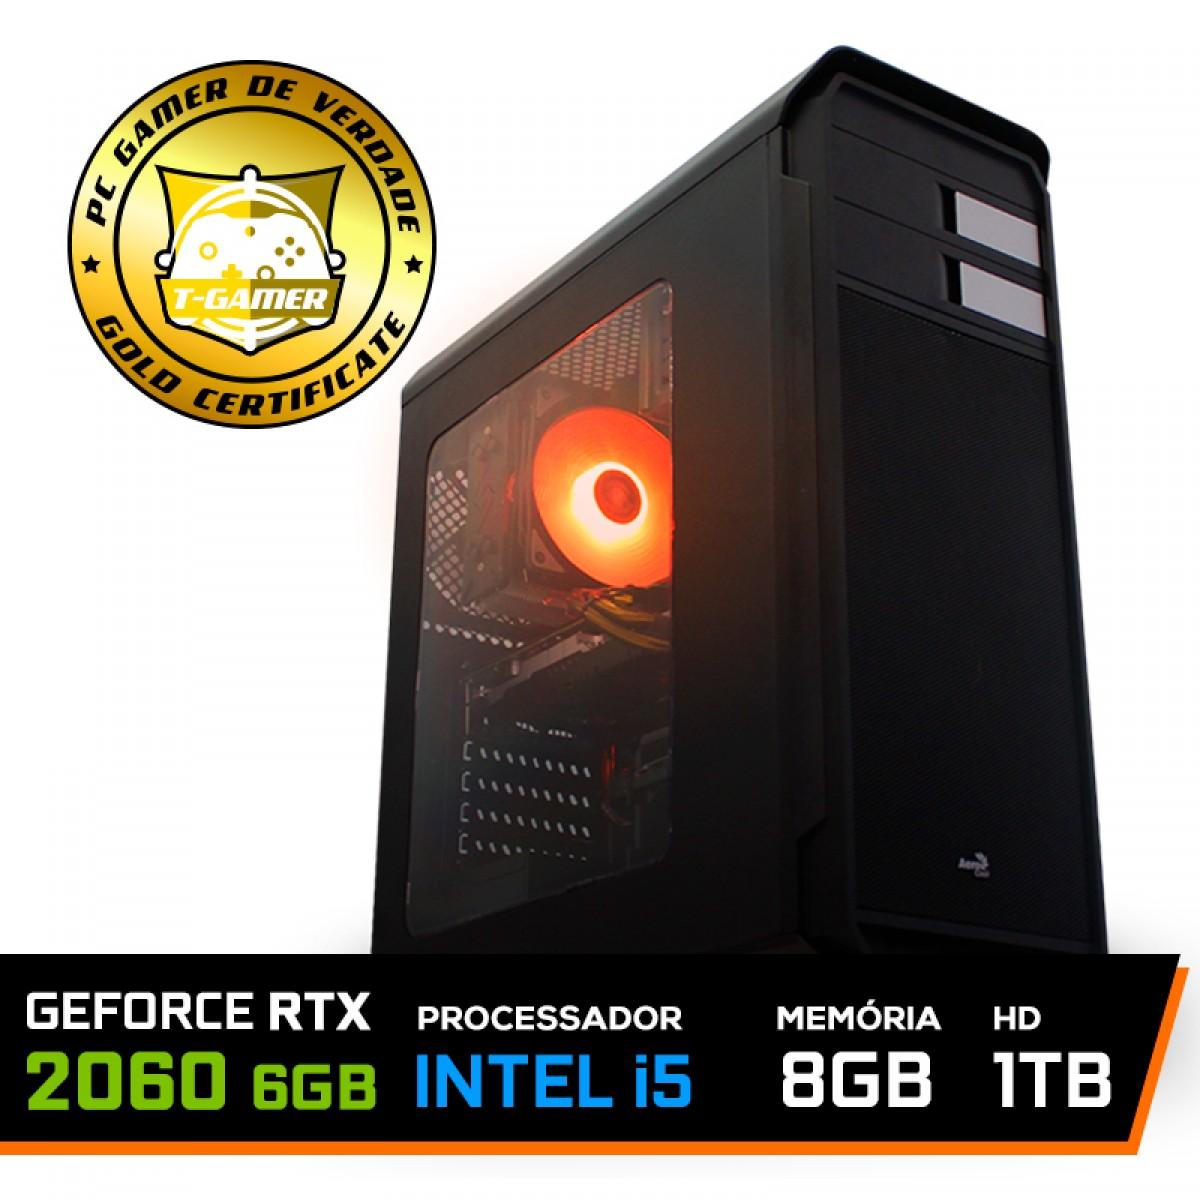 Pc Gamer Maximus Lvl-3 Intel i5 9600KF / GeForce RTX 2060 6GB / DDR4 8GB / HD 1TB / 500W